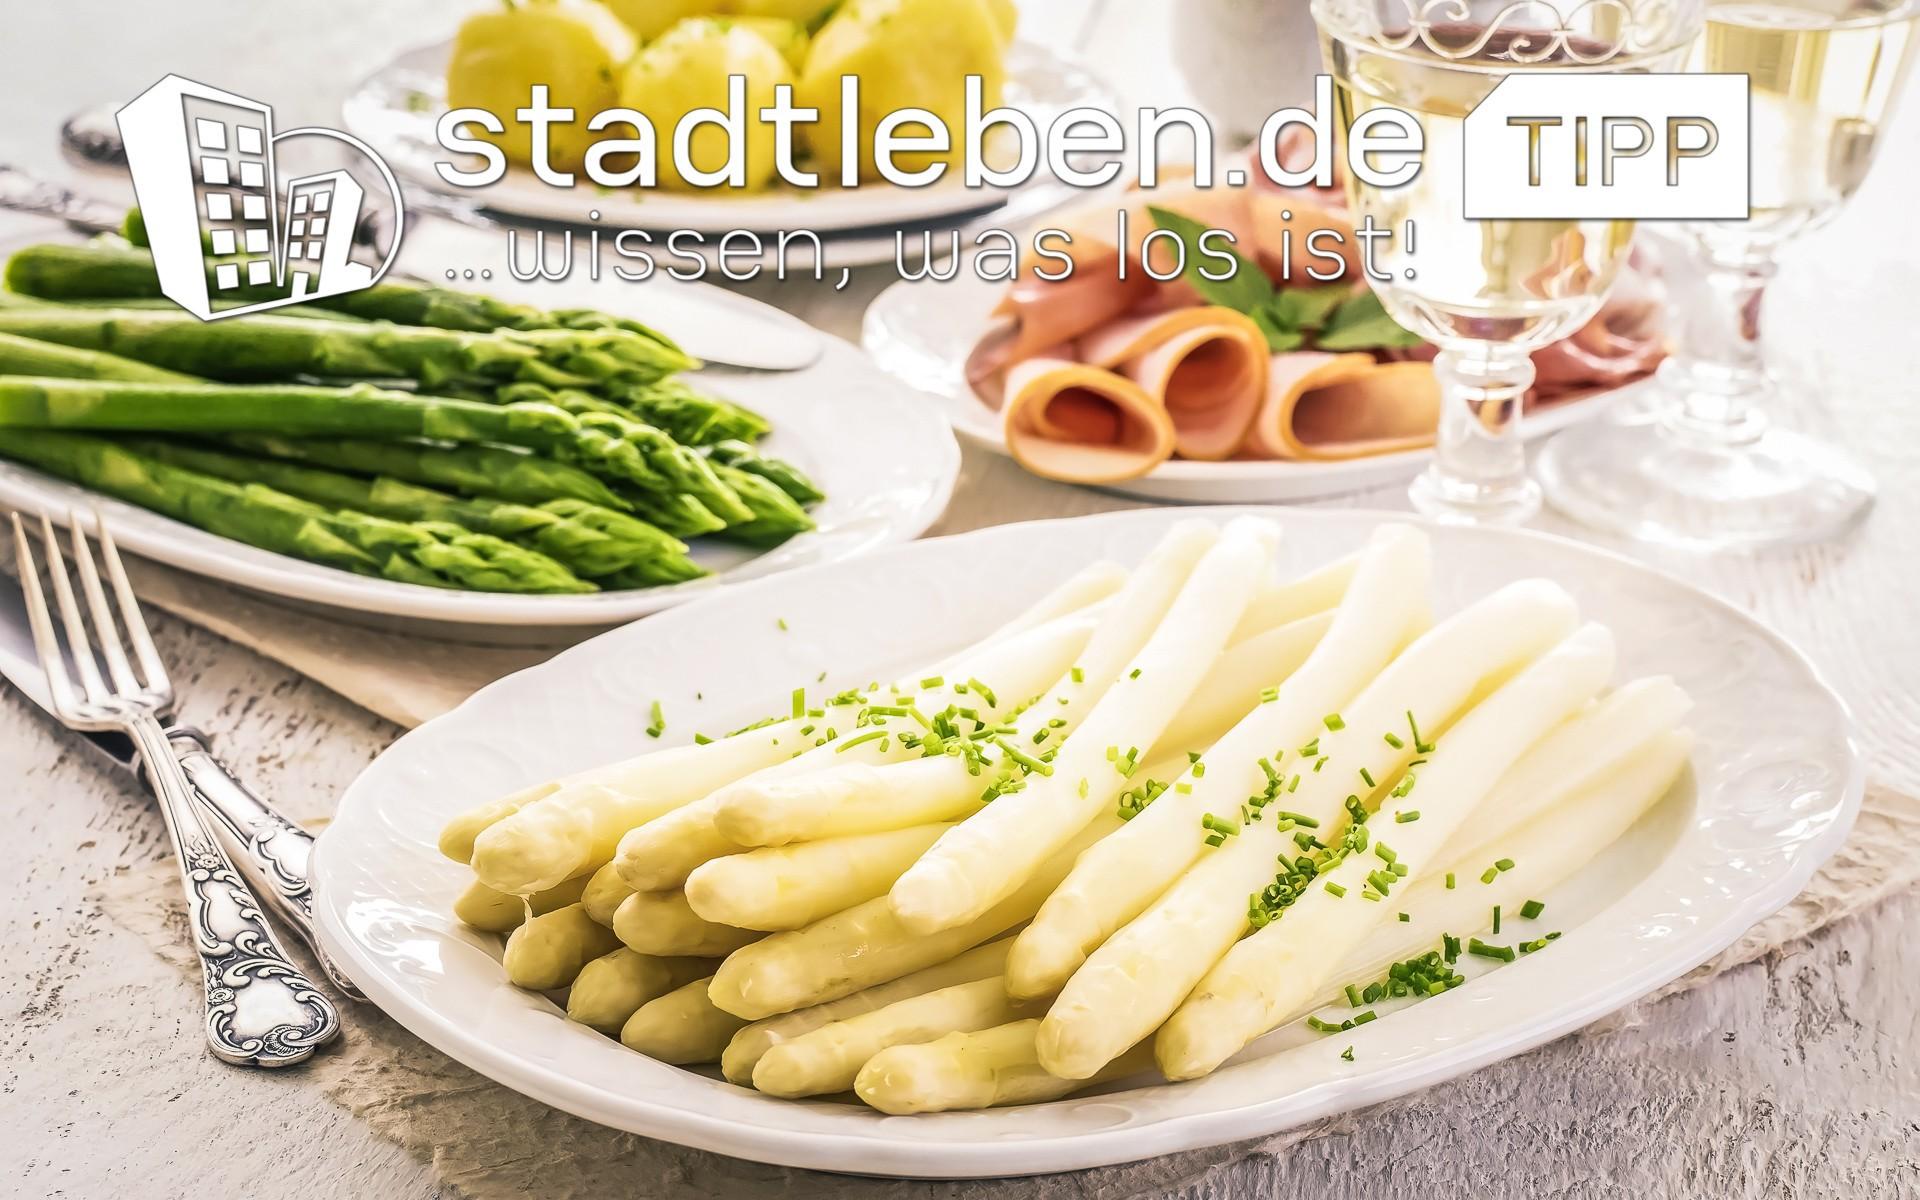 10 Tipps Spargel Essen In Wiesbaden 2018